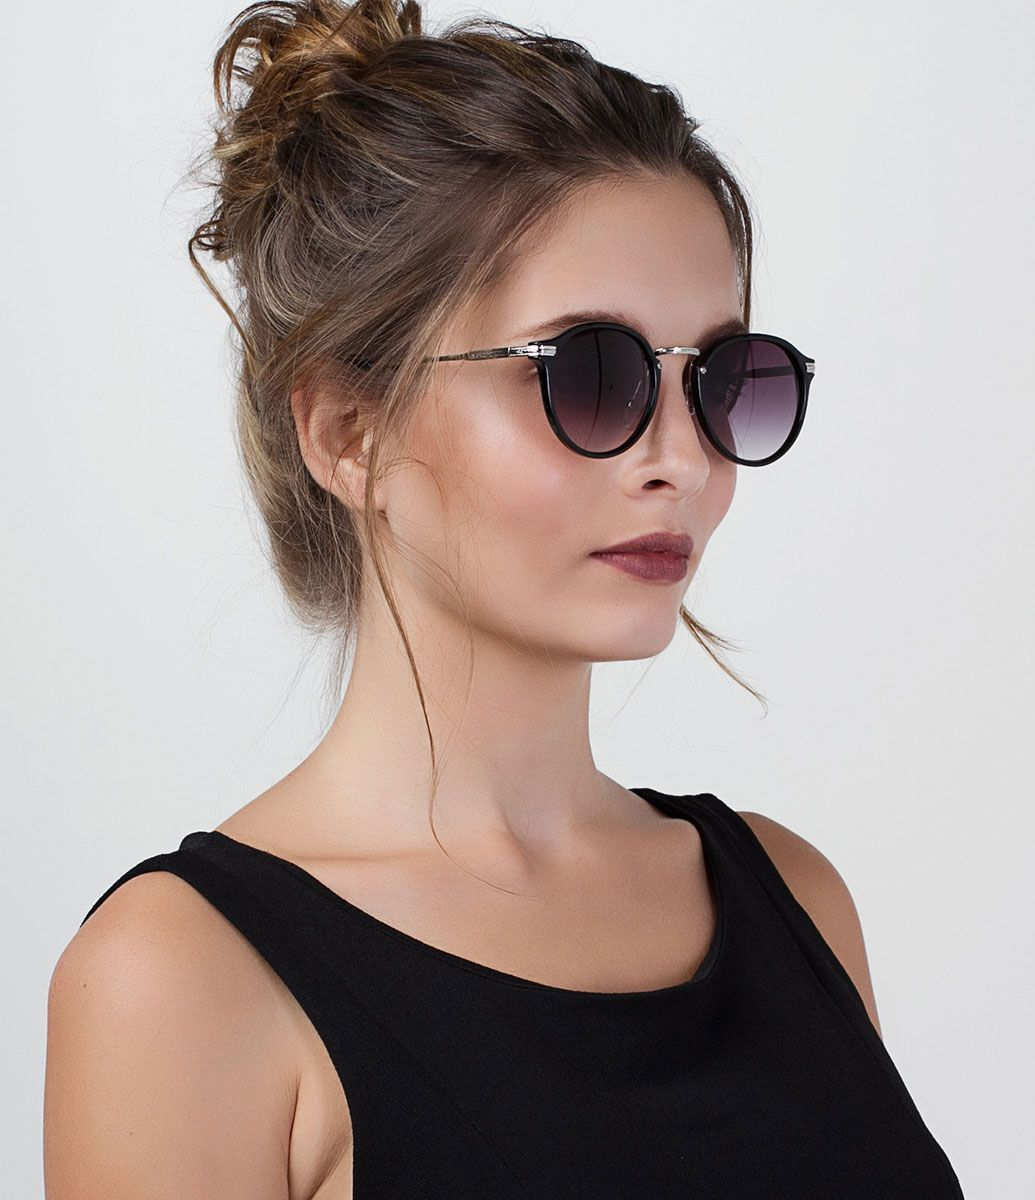 a2d284ff5ede3 Óculos de sol Feminino Modelo redondo Hastes em metal Lentes em acrílico  Proteção contra raios UVA   UVB Acompanha um estojo e flanela de limpeza  Garantia ...